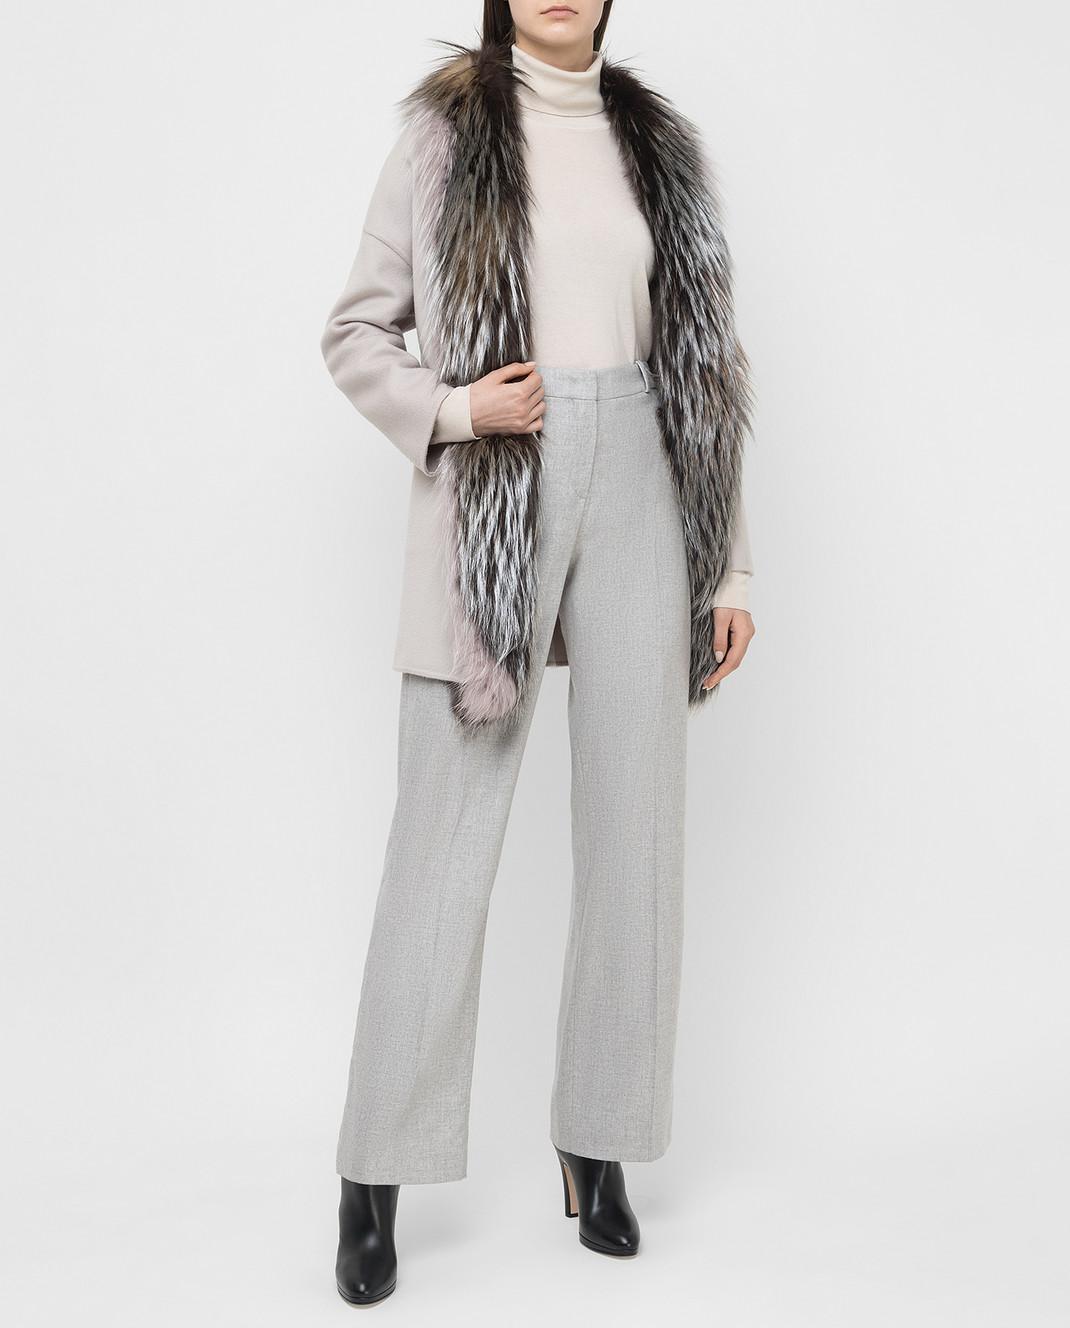 Rindi Серое пальто из кашемира с мехом лисы 298TE017 изображение 2